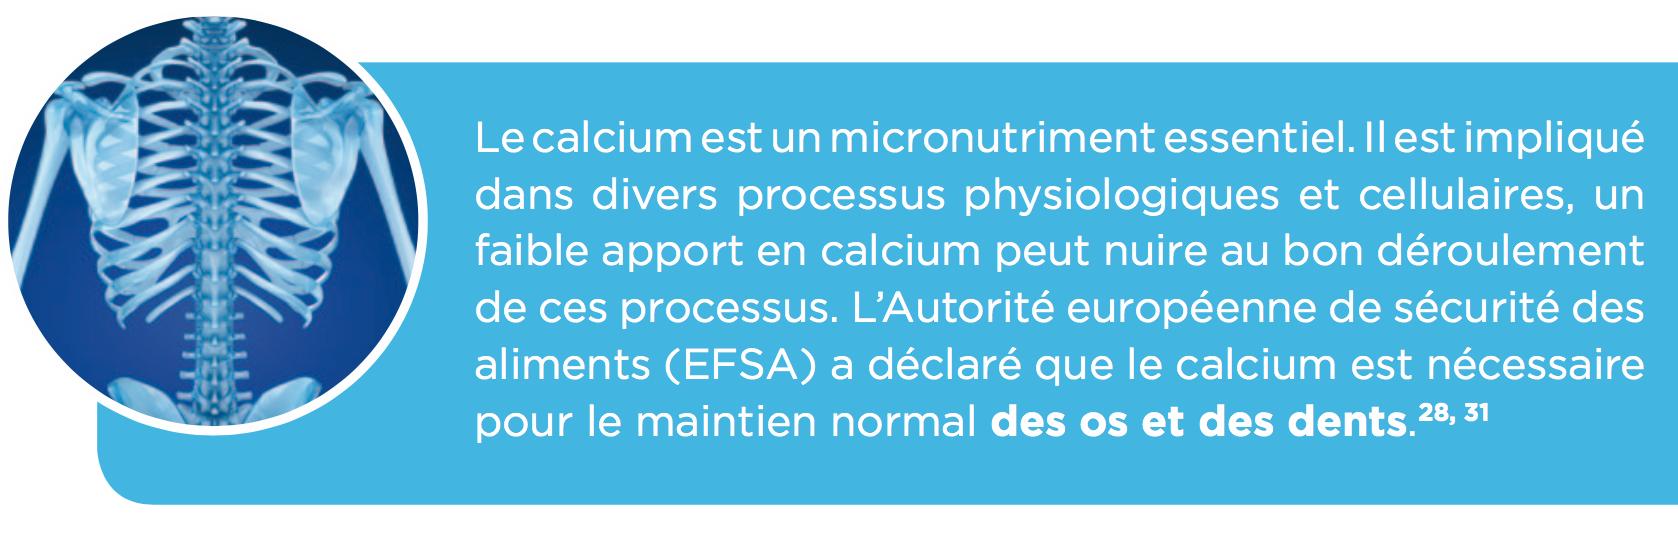 calcium-efsa